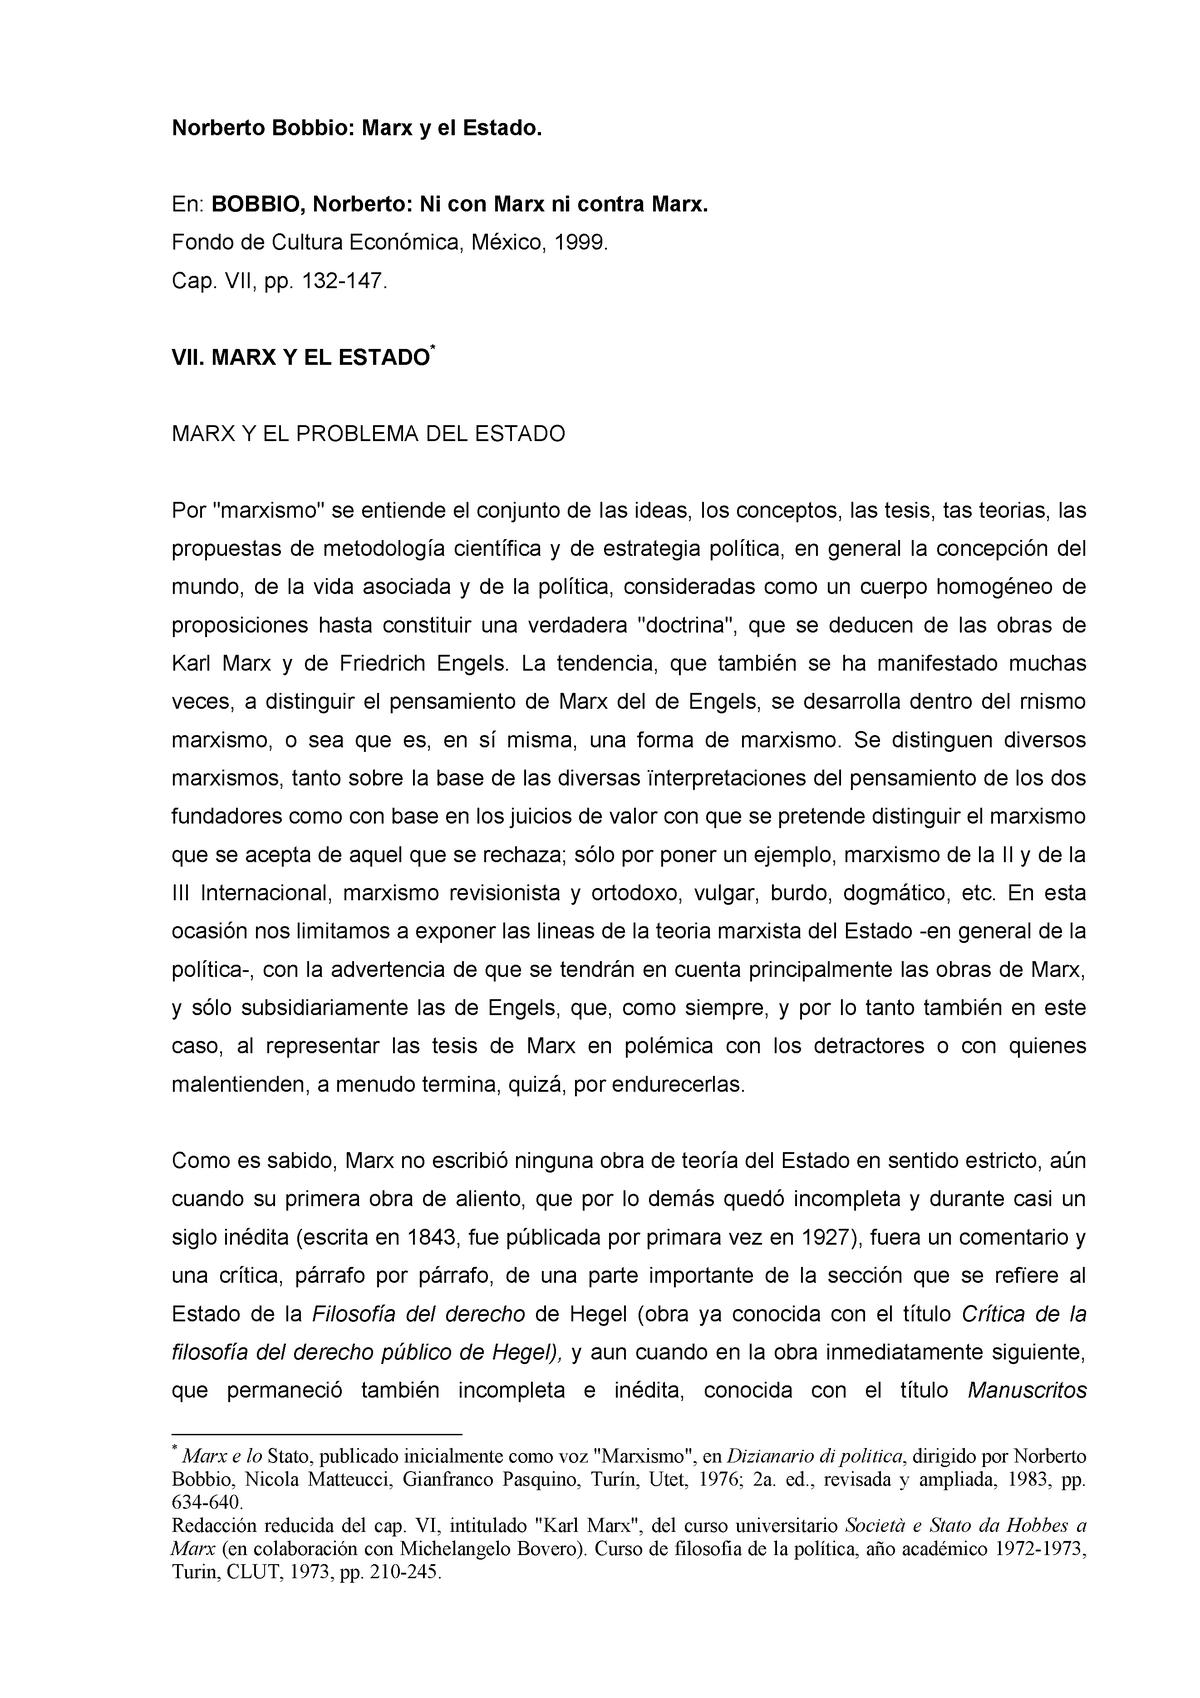 Bobbio Norberto Marx Y El Estado Uba Studocu